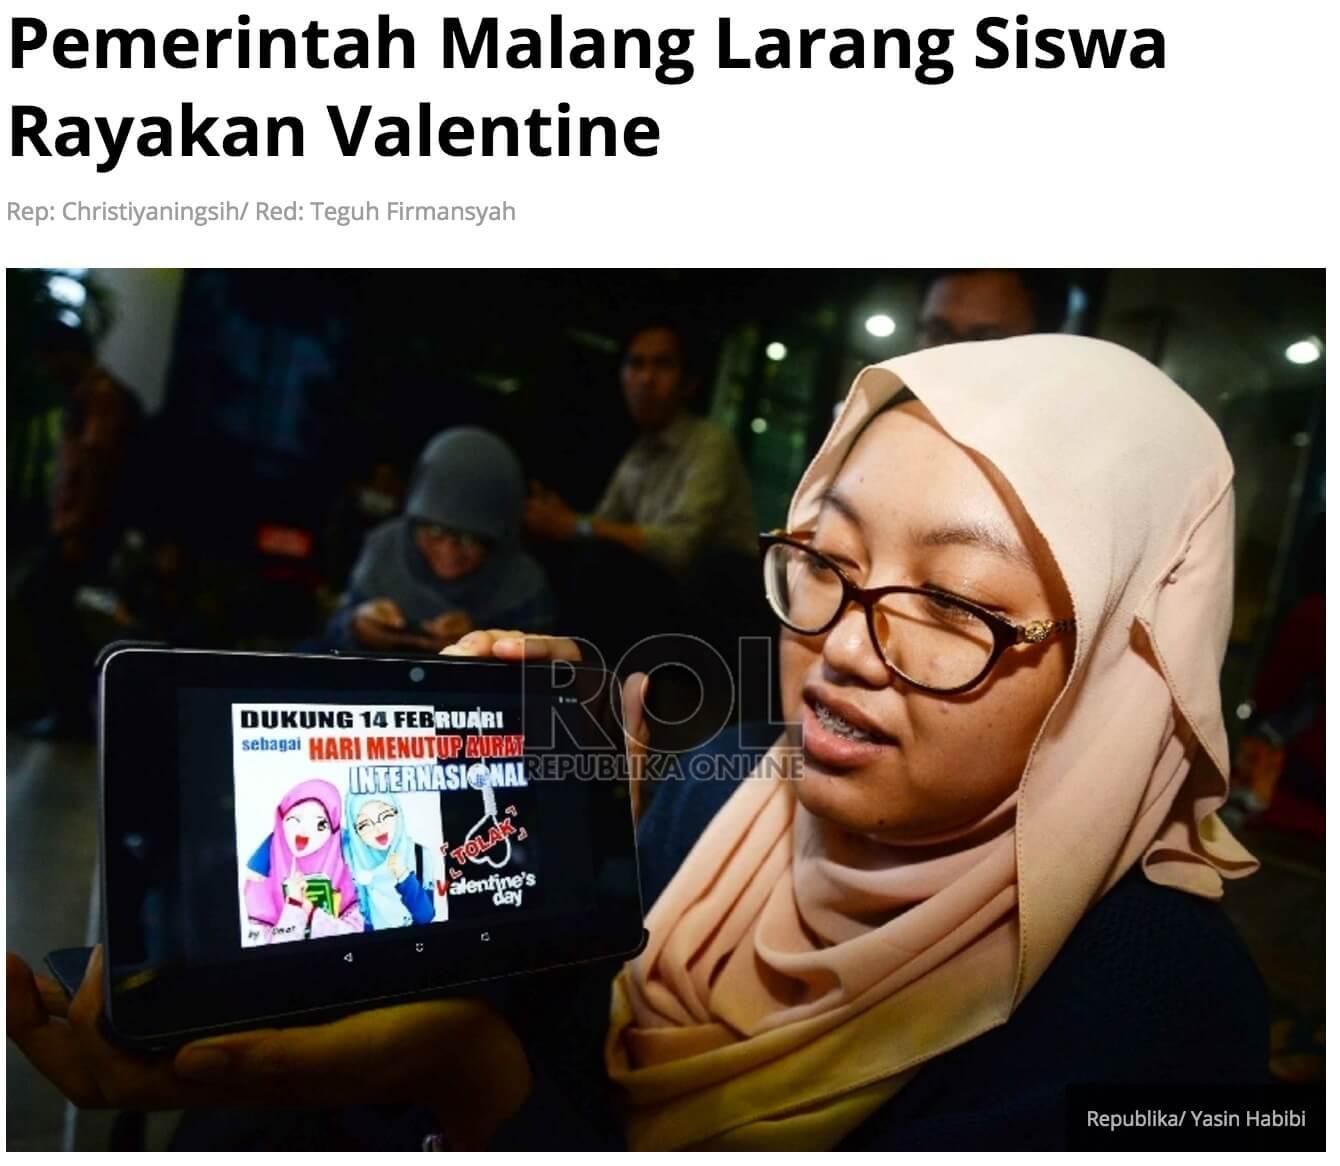 インドネシアのバレンタイン 禁止 マラン Republika Online